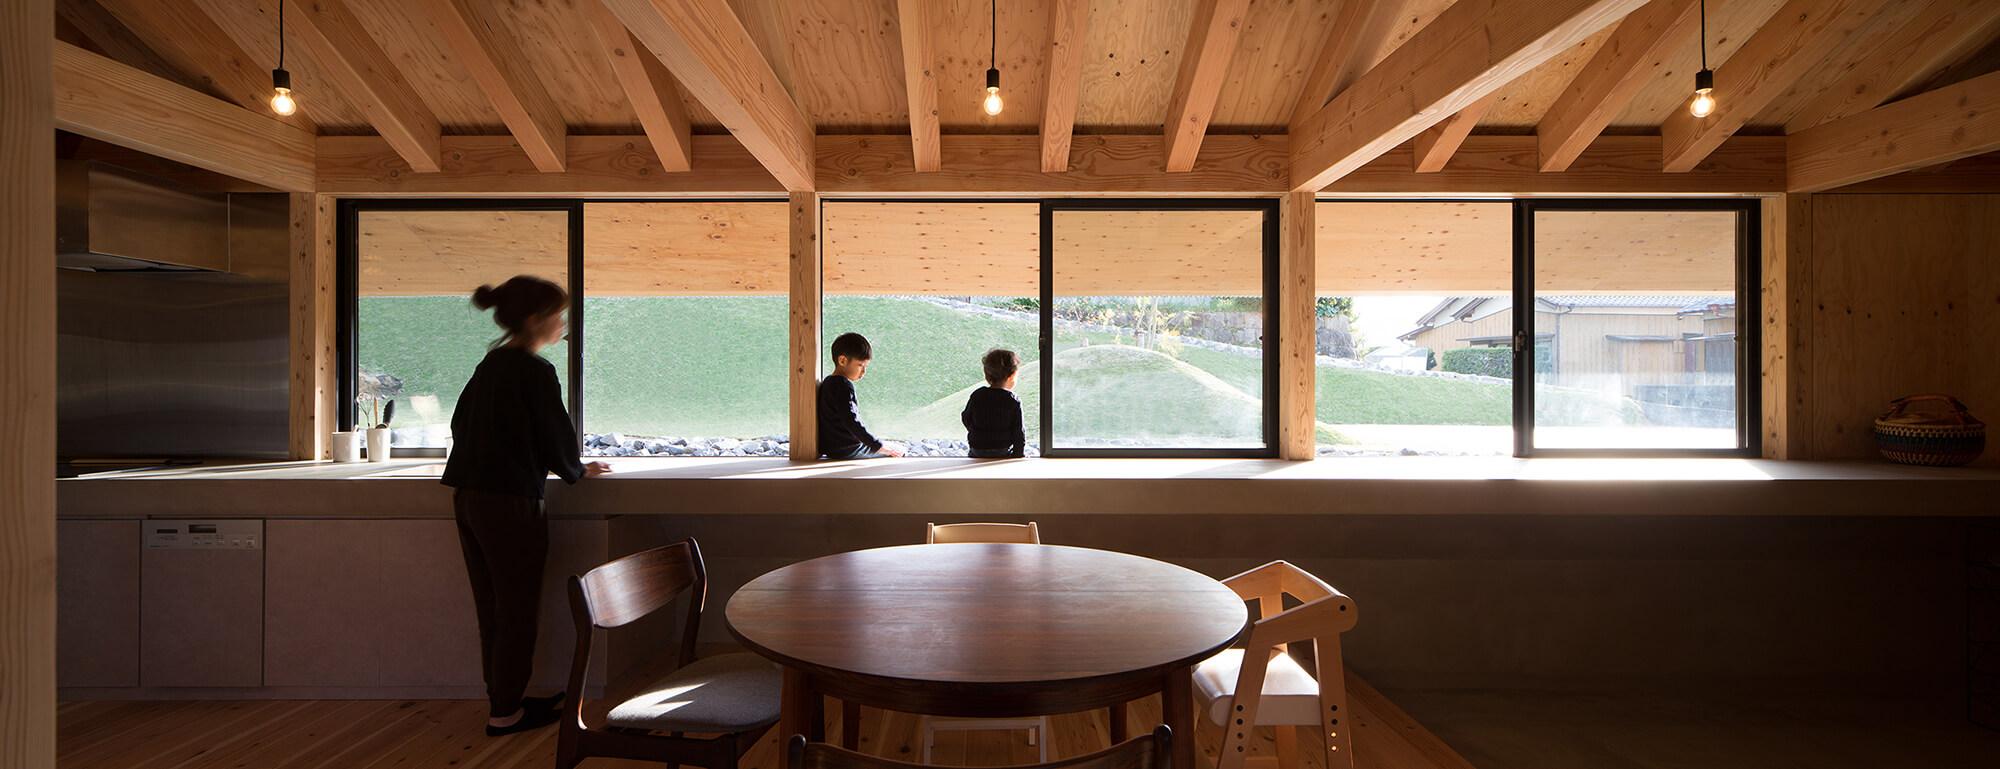 『大屋根の棲家』建築写真・竣工写真・インテリア写真14